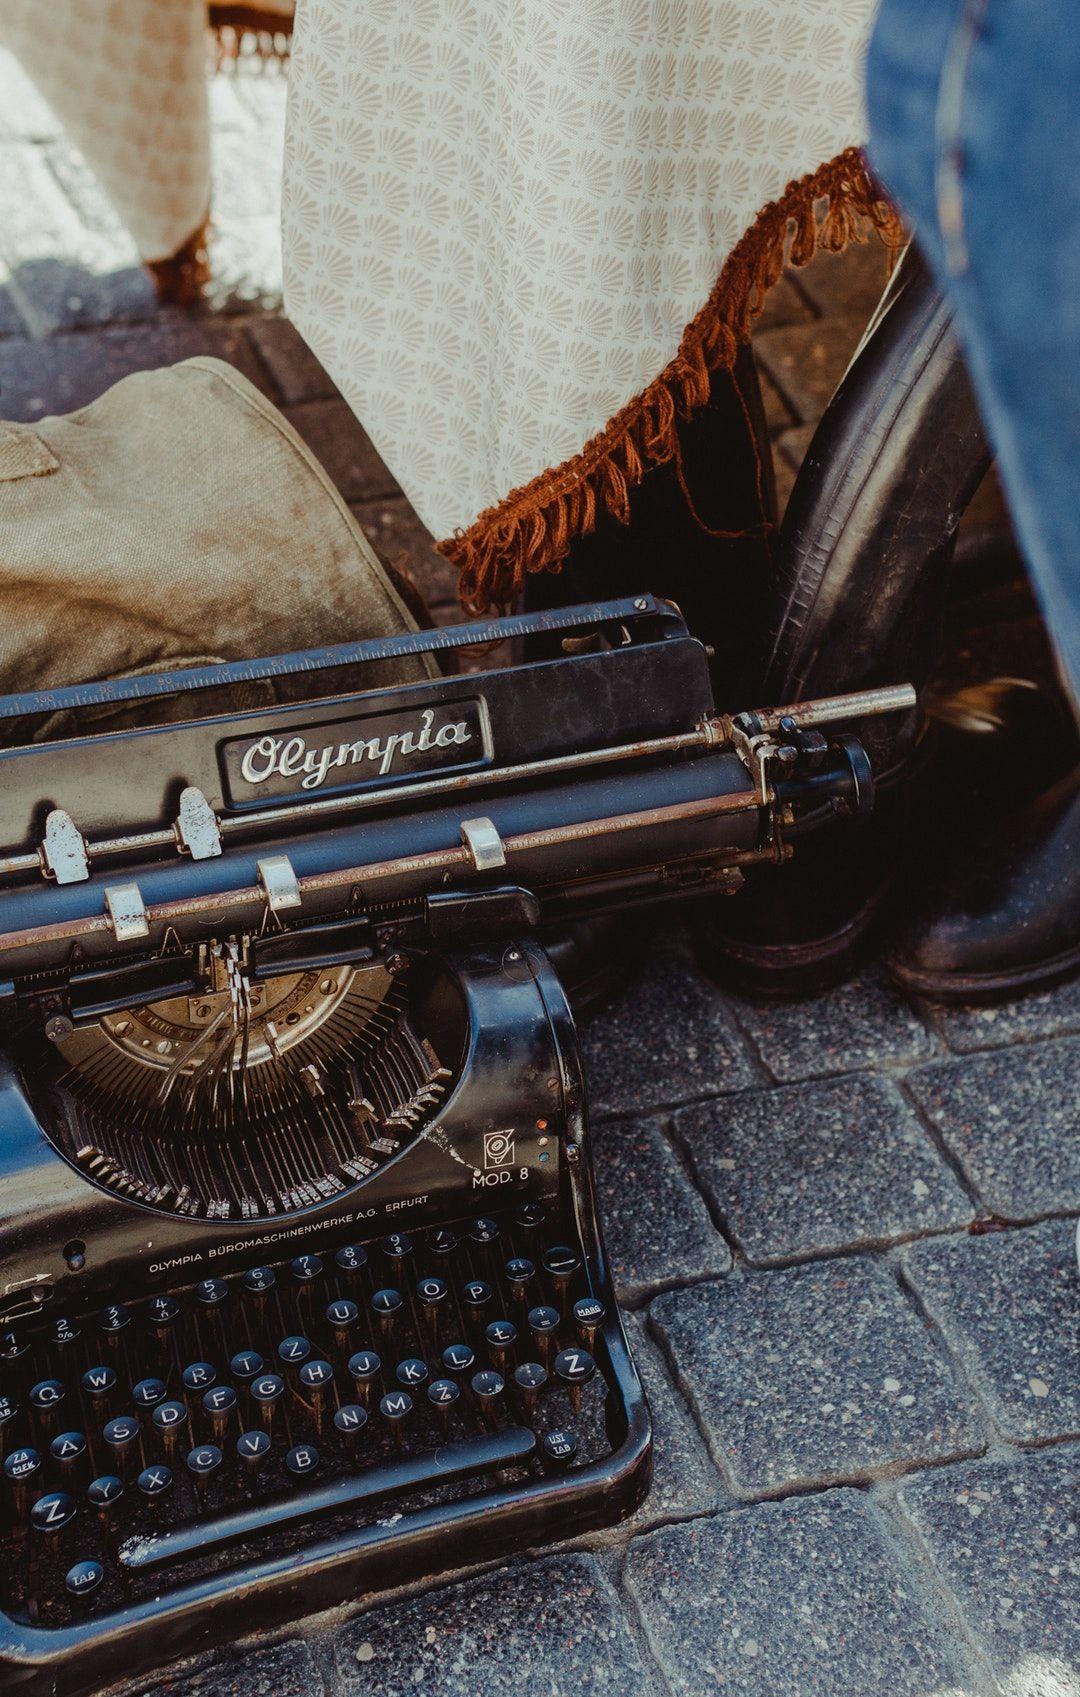 black Olympia typewriter on floor